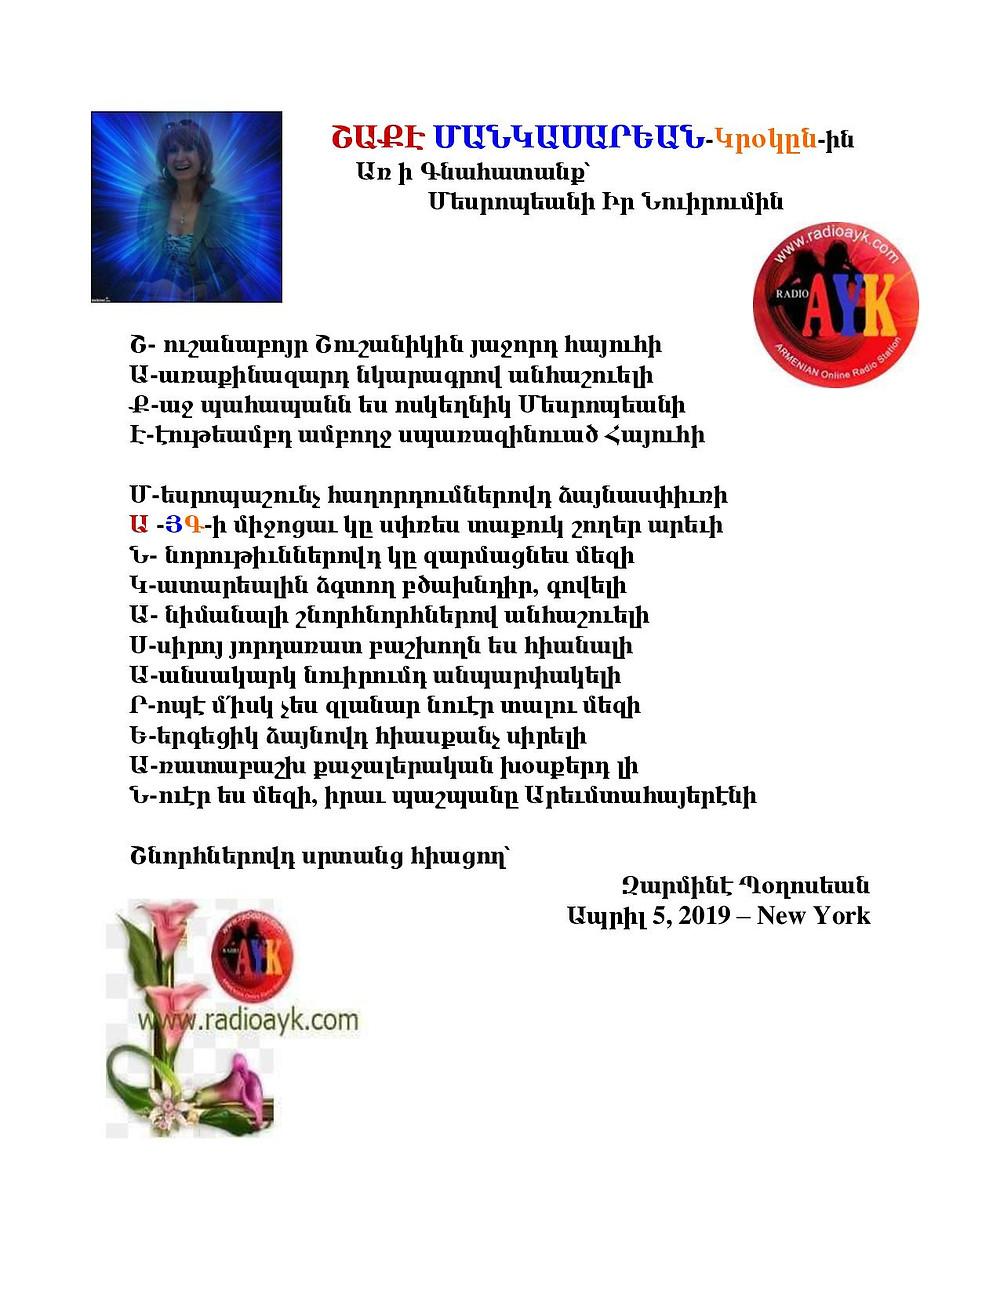 Շնորհակալութեամբ հետեւեալ գեղեցիկ բանաստեղծութիւնը սիրելի Զարմինէ Պօղոսեանին կողմէ: Ձեզ կը մաղթենք յաջողութիւն: Գրիչդ անսպառ: